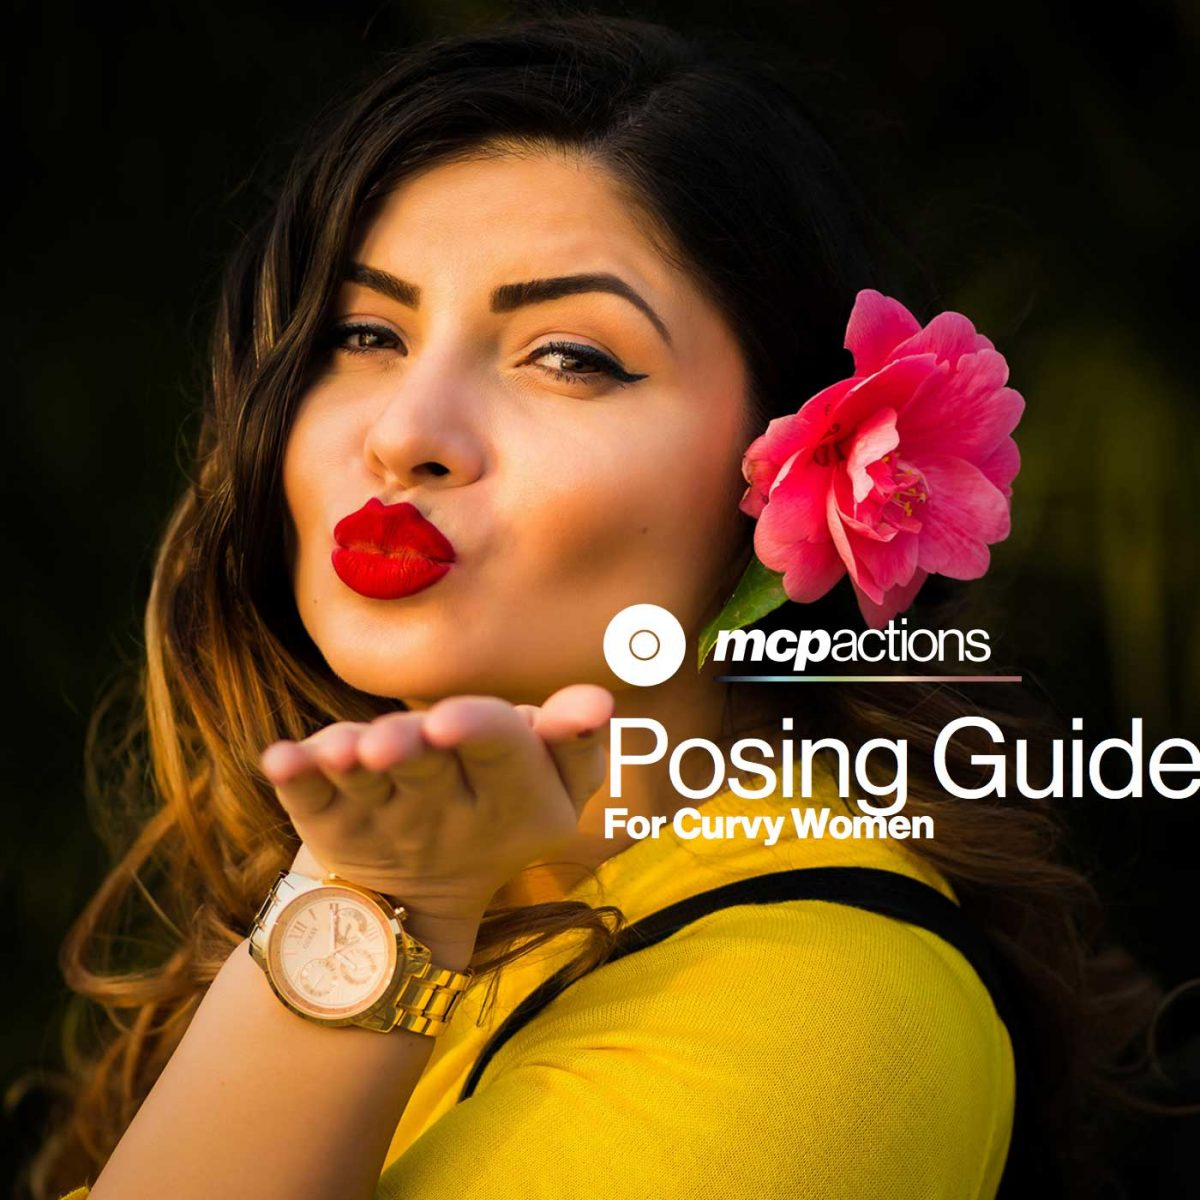 curvy-women-posing-guide